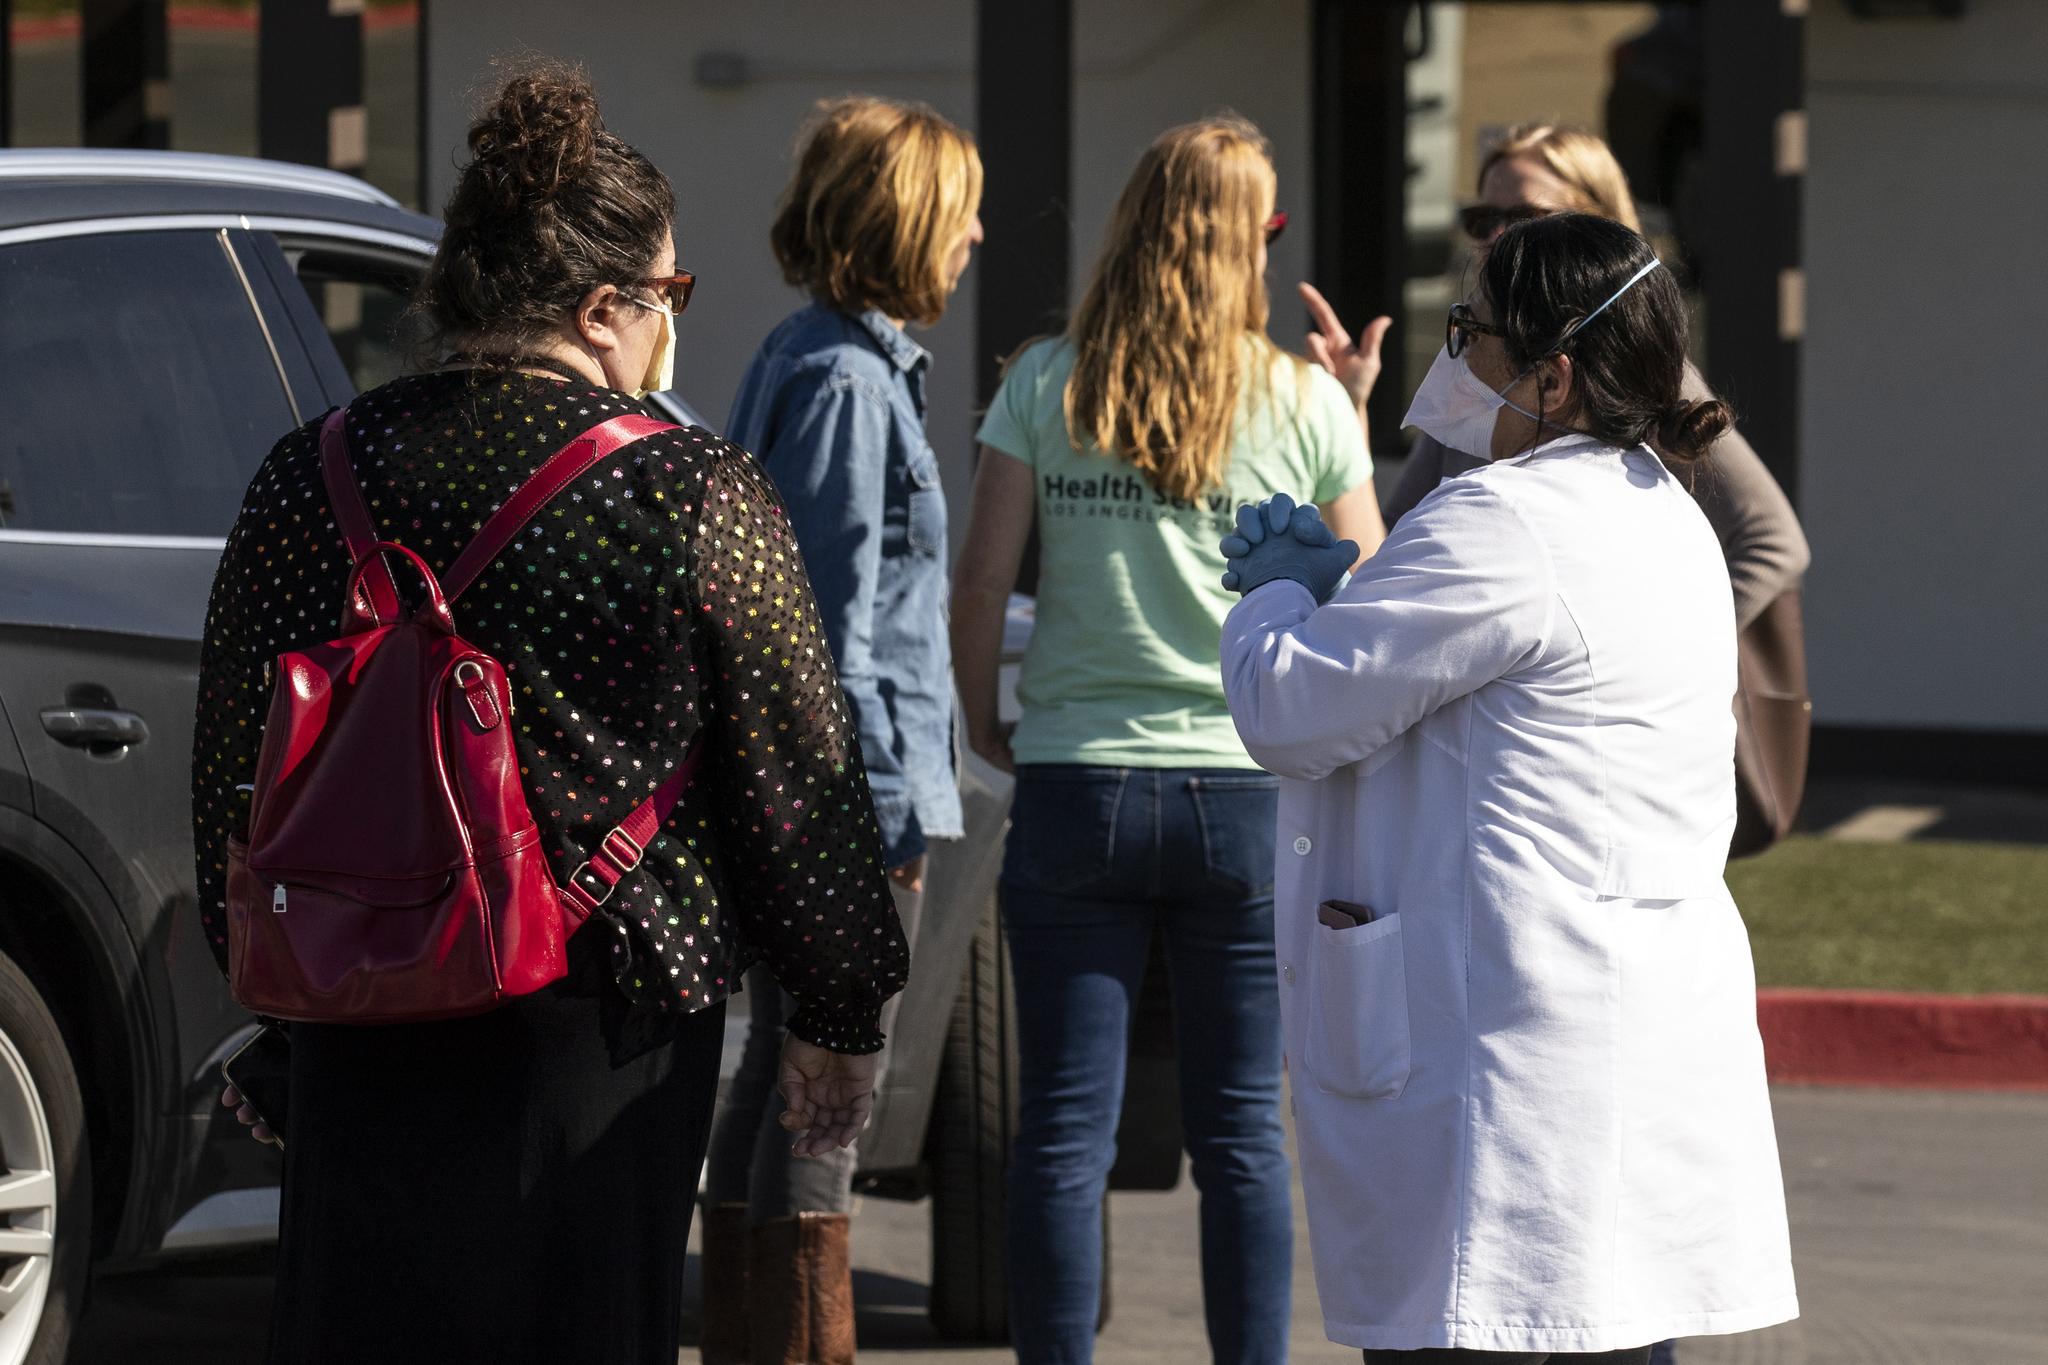 미국 로스앤젤레스(LA) 카운티 보건부 직원들이 격리자들을 임시 수용할 트레일러를 준비하고 있다. EPA=연합뉴스